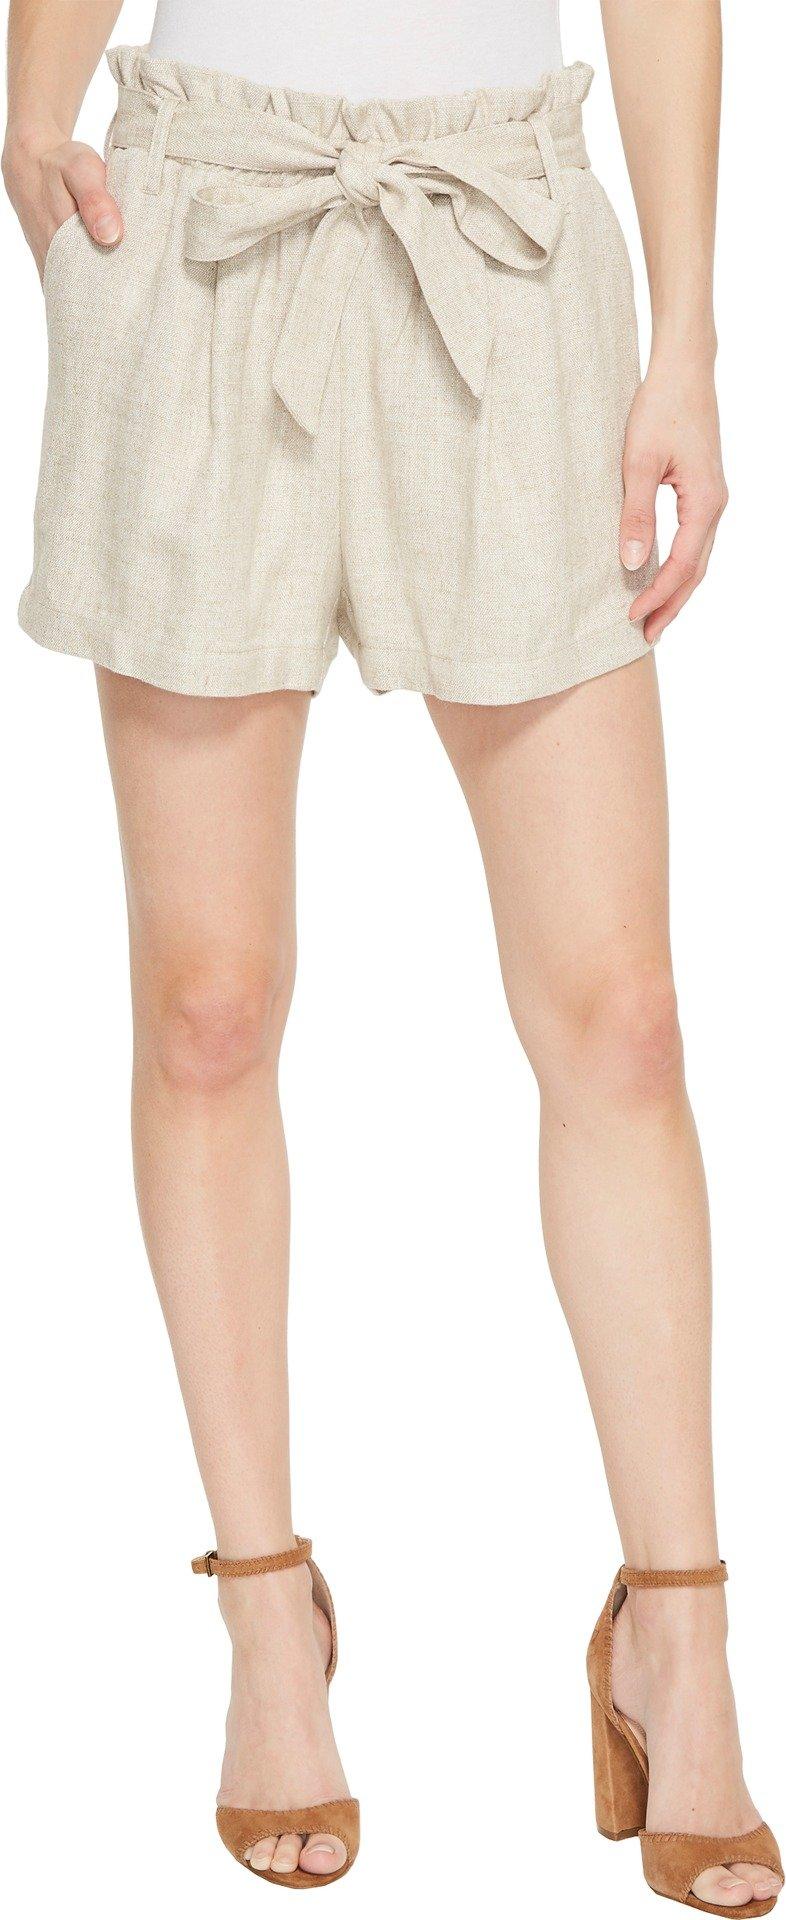 Karen Kane Women's Paperbag Waist Shorts Tan Medium